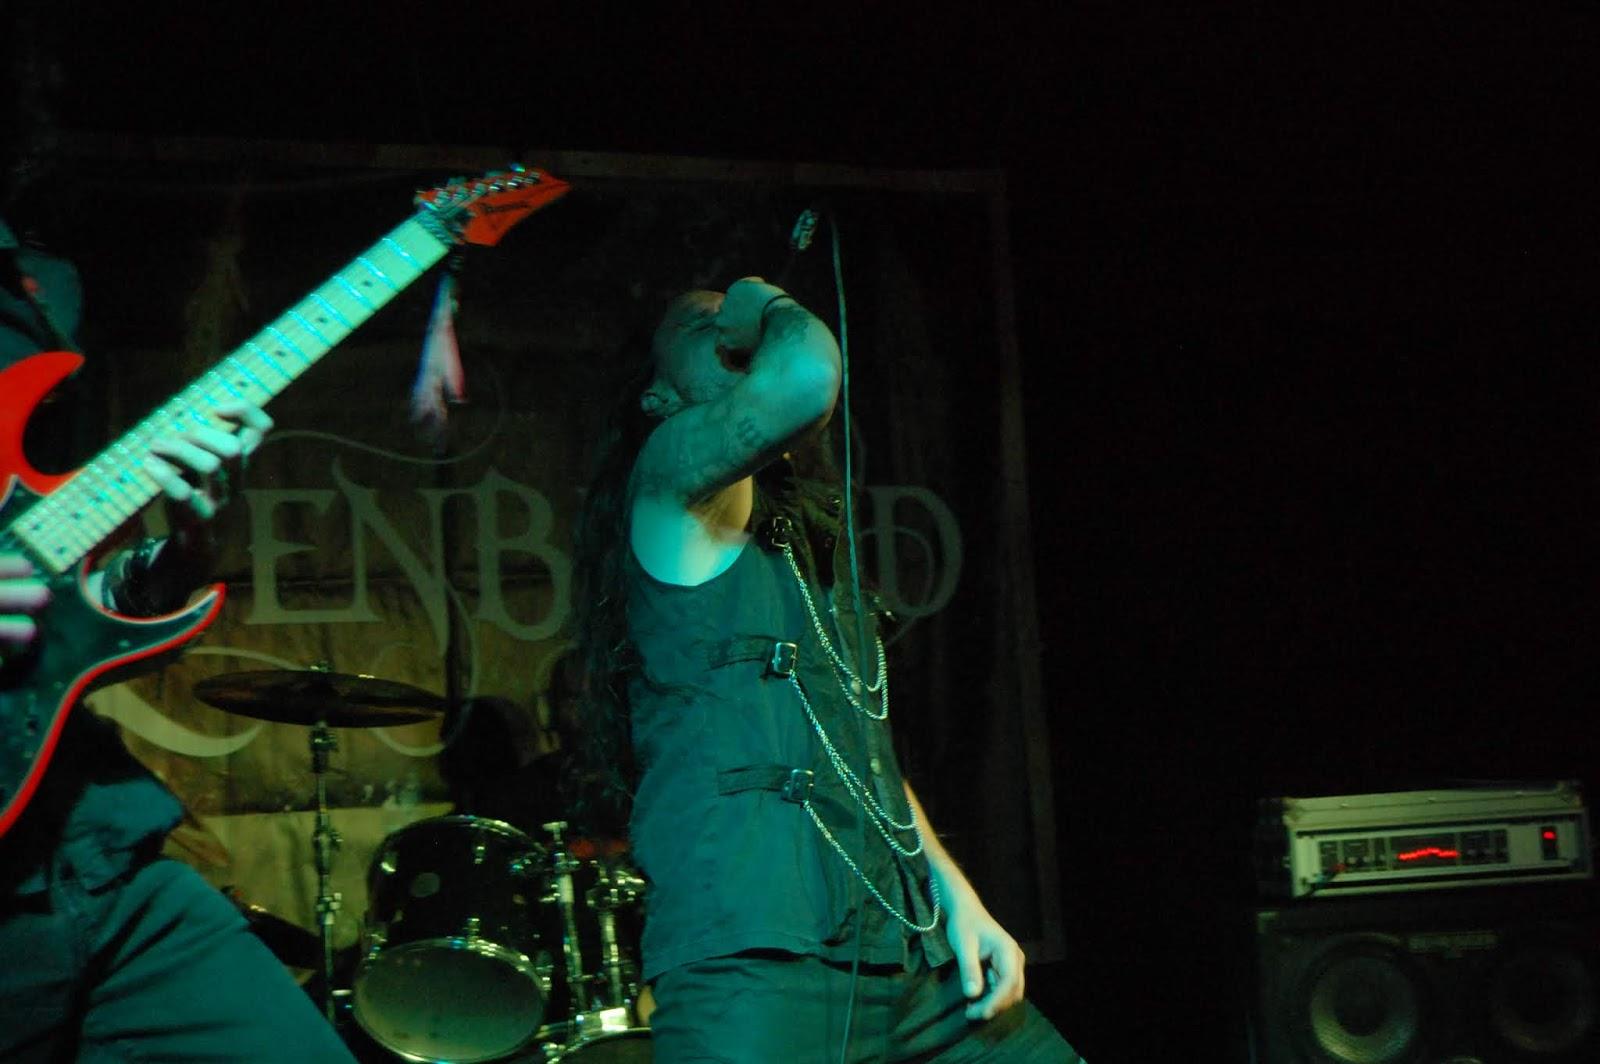 RavenBlood_1 Live